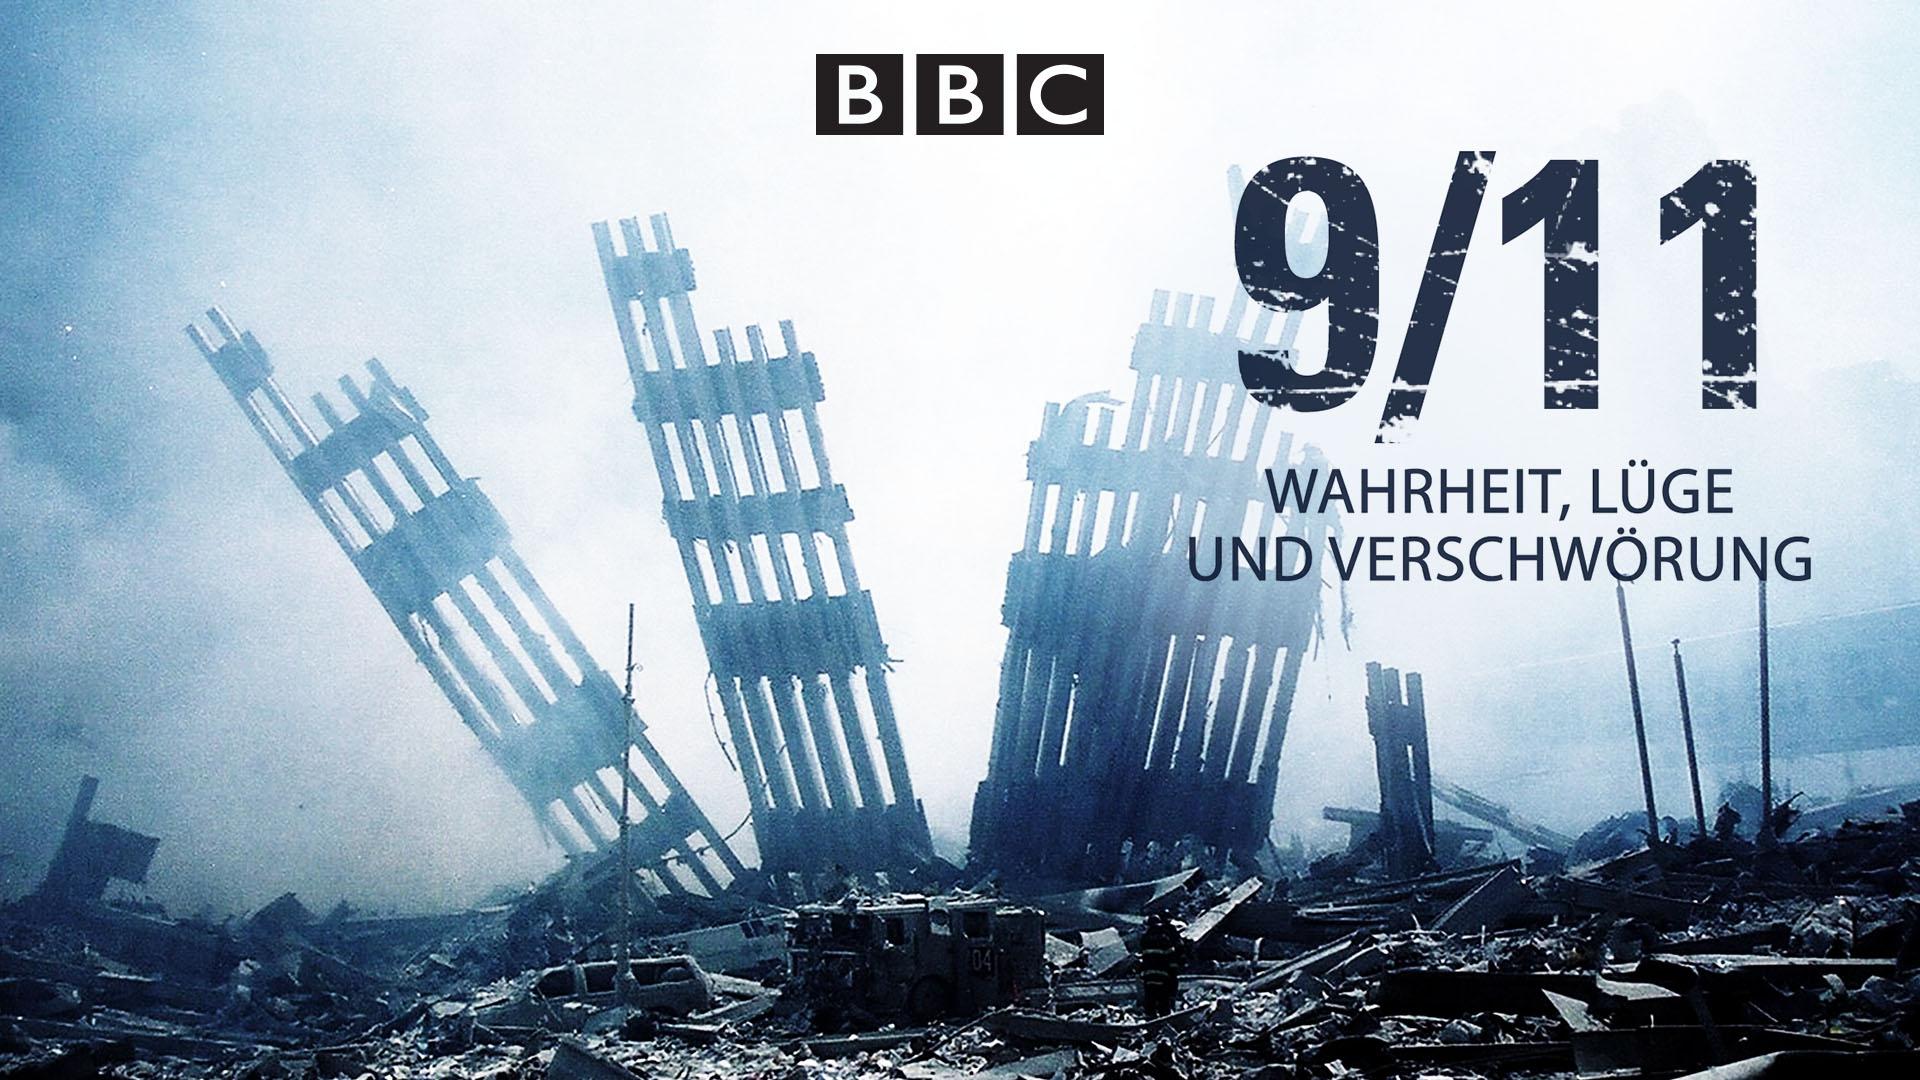 9/11 - Wahrheit, Lüge und Verschwörung, Staffel 1